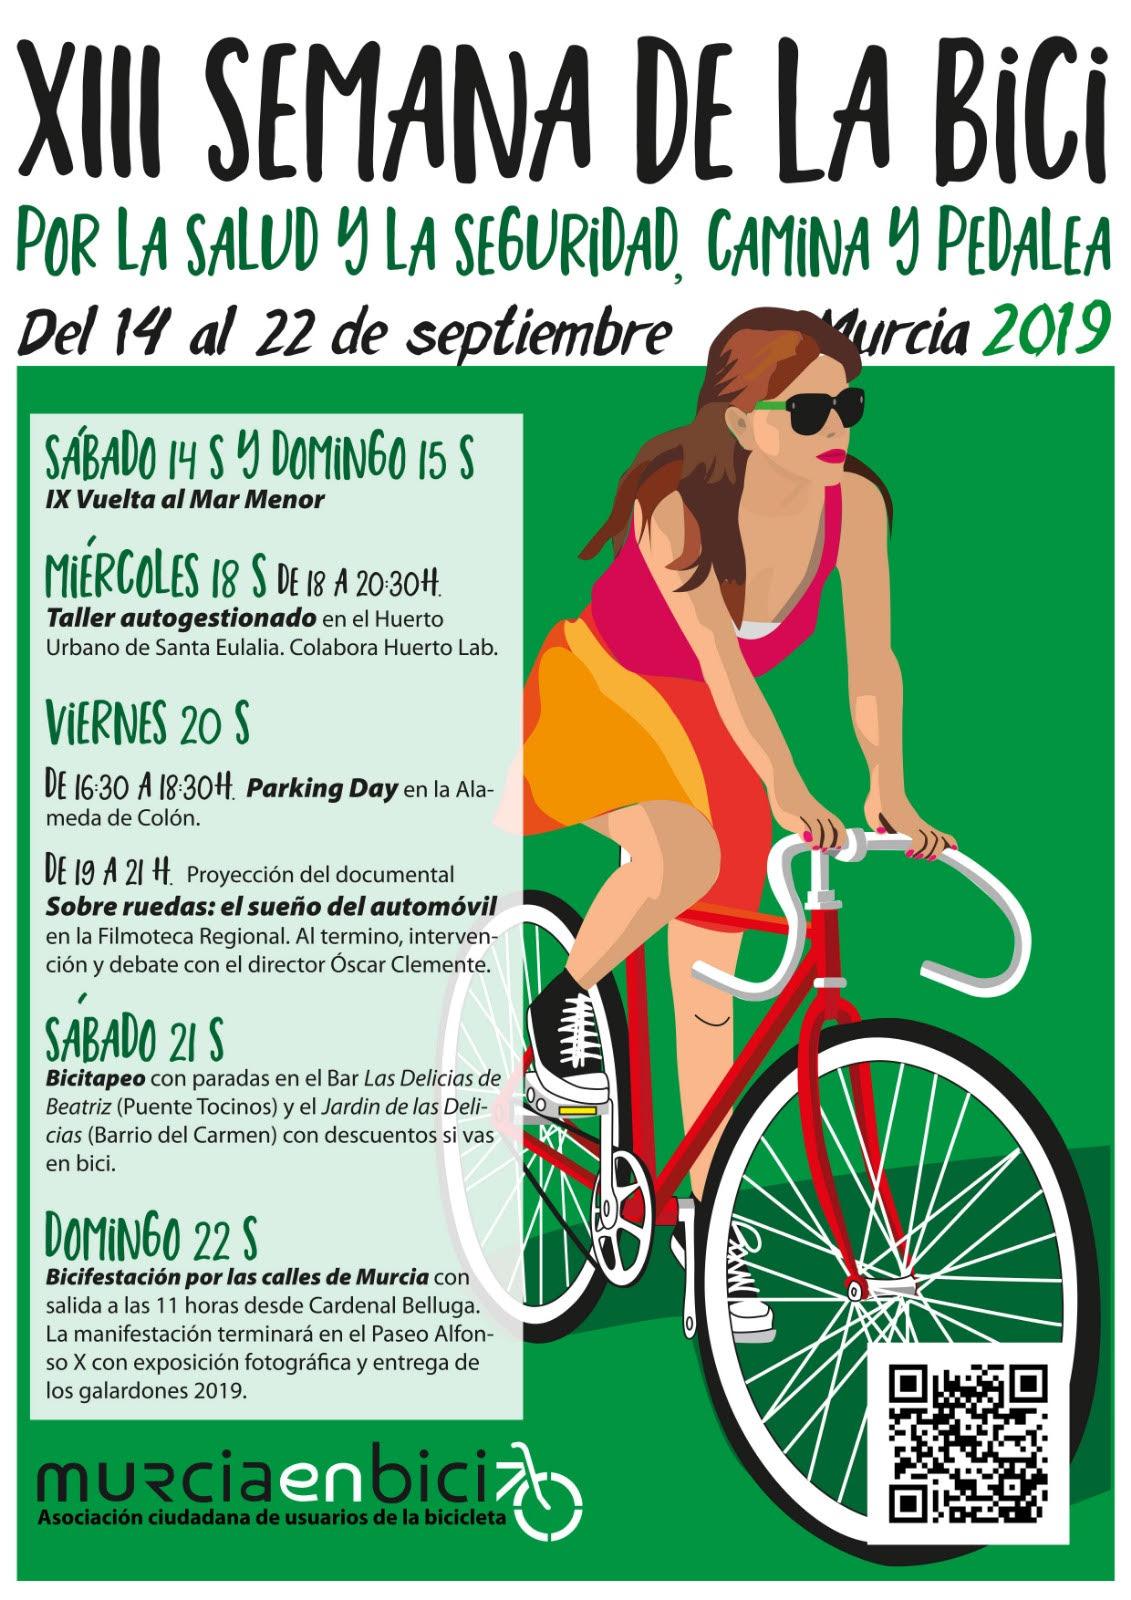 XIII Semana de la Bici de Murcia en bici